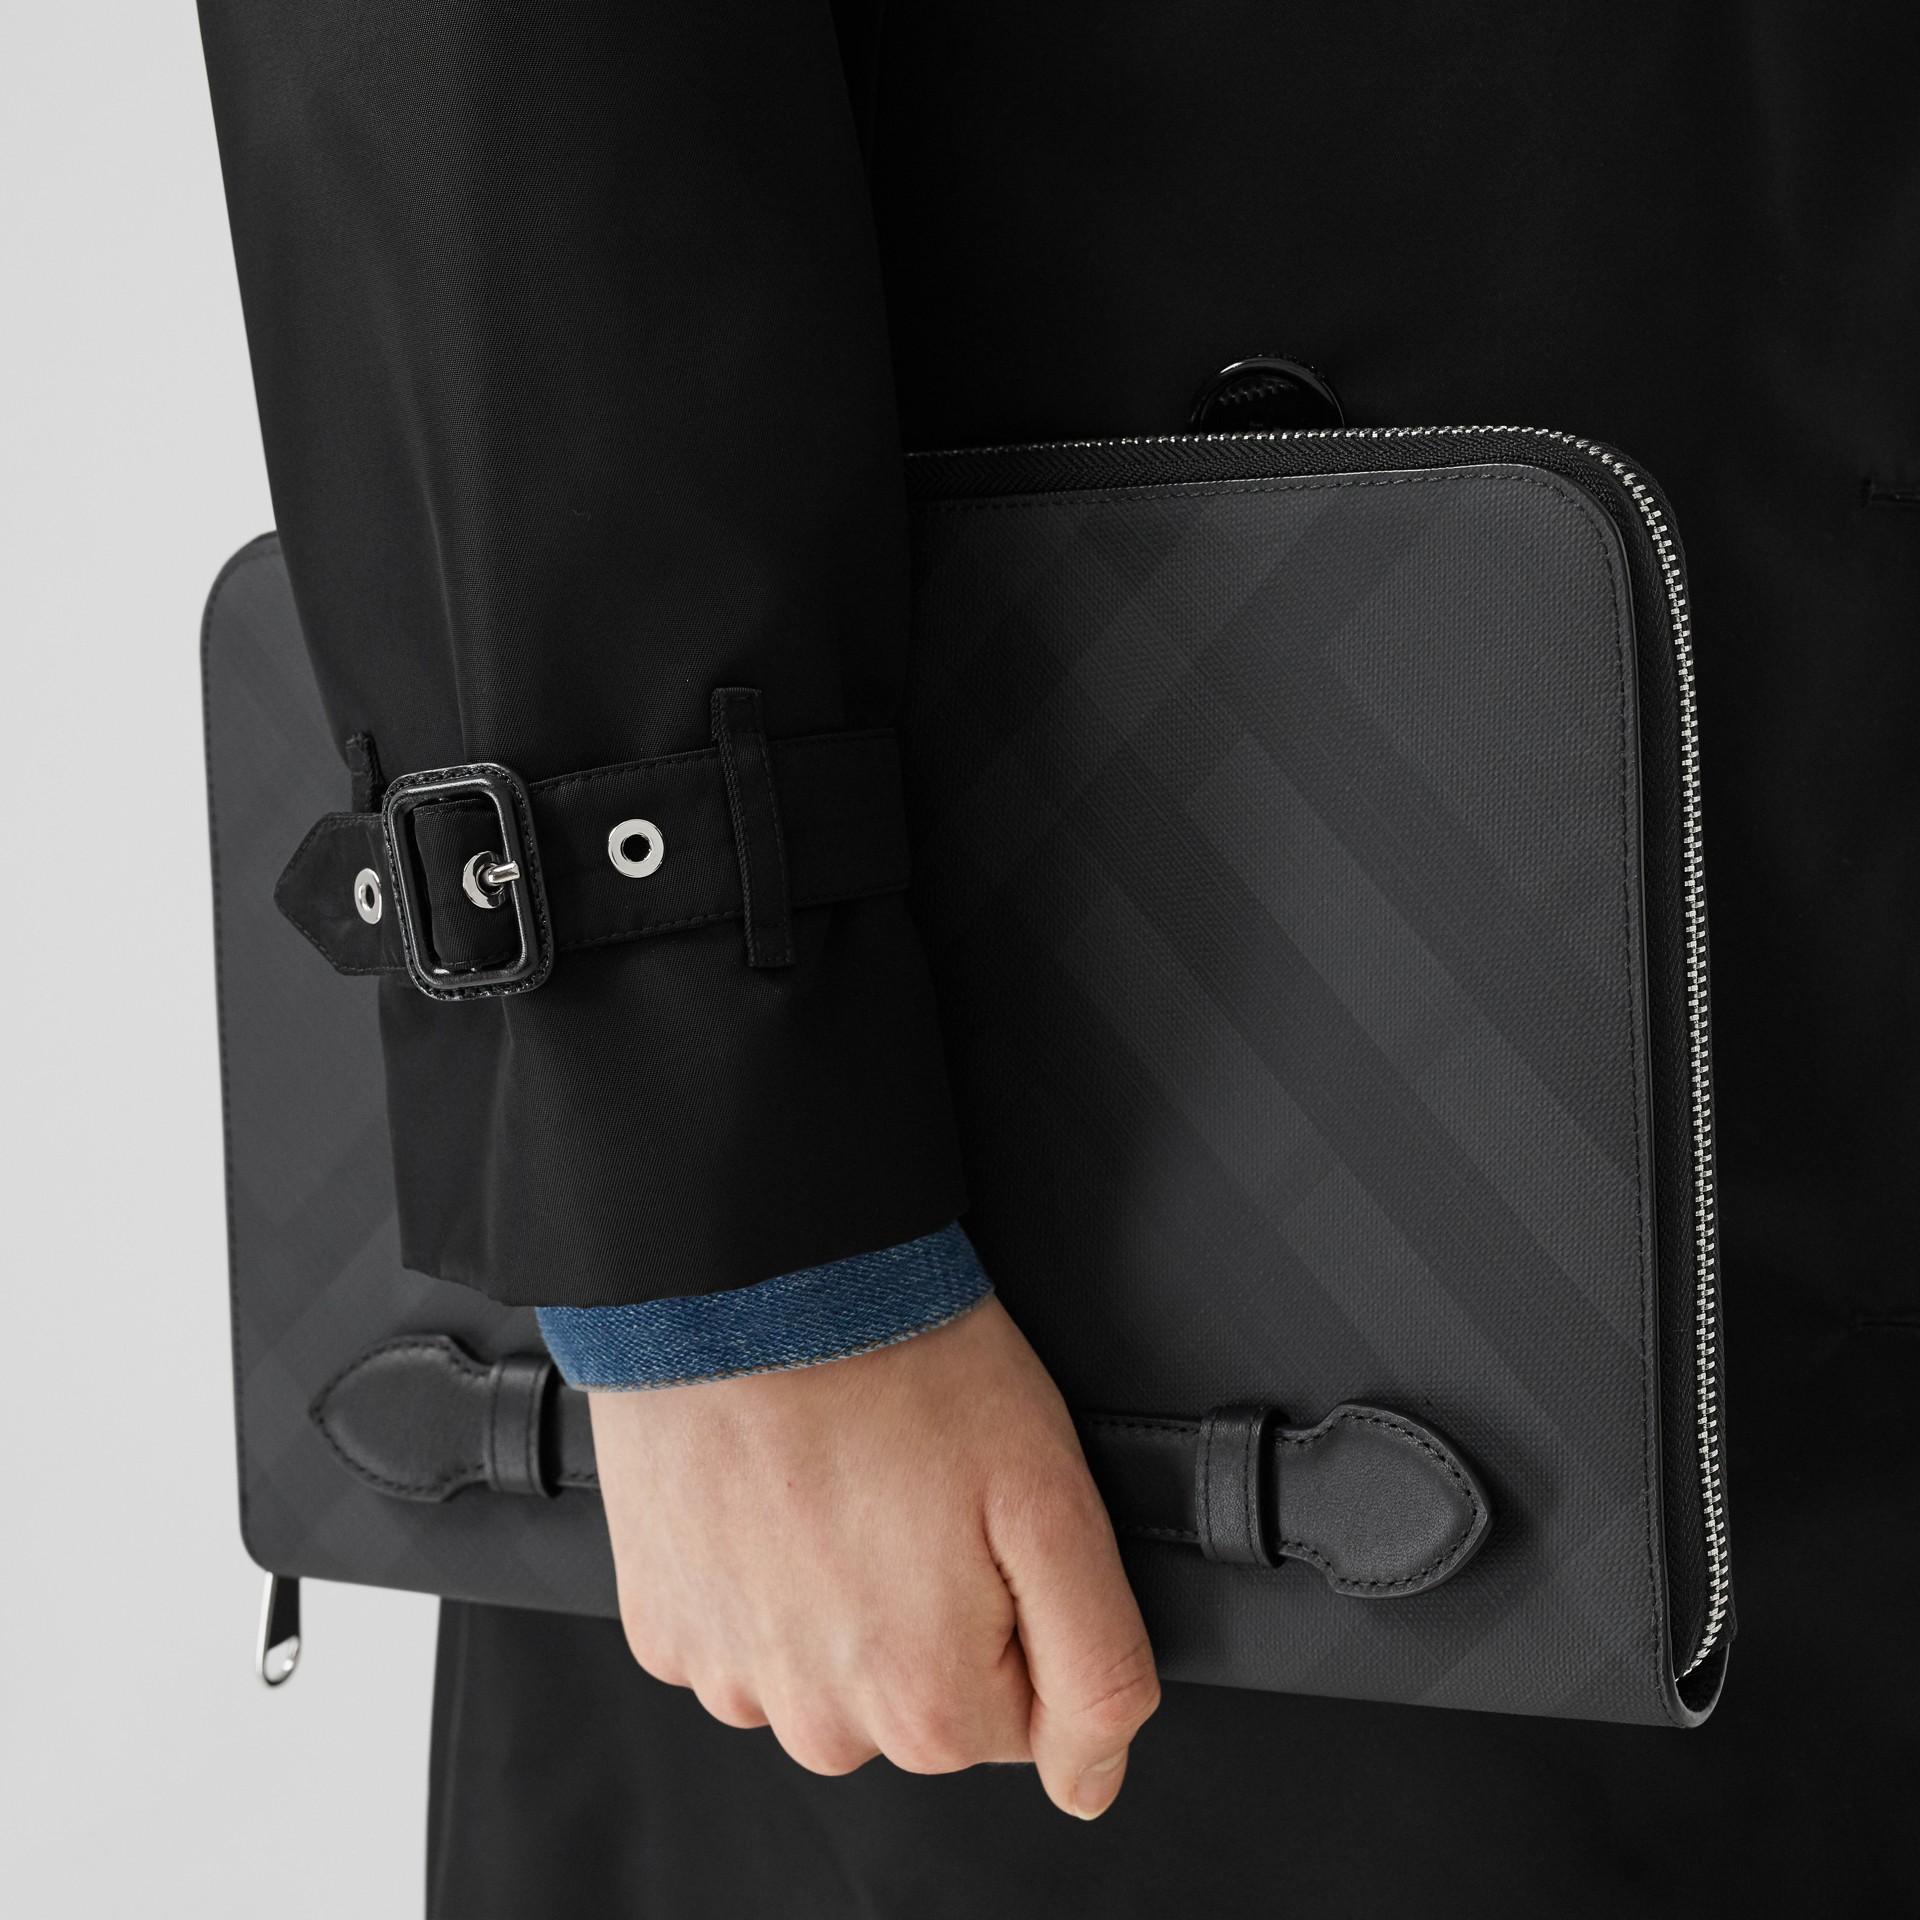 Pochette zippée en tissu London check et cuir (Anthracite Sombre) - Homme | Burberry - photo de la galerie 2